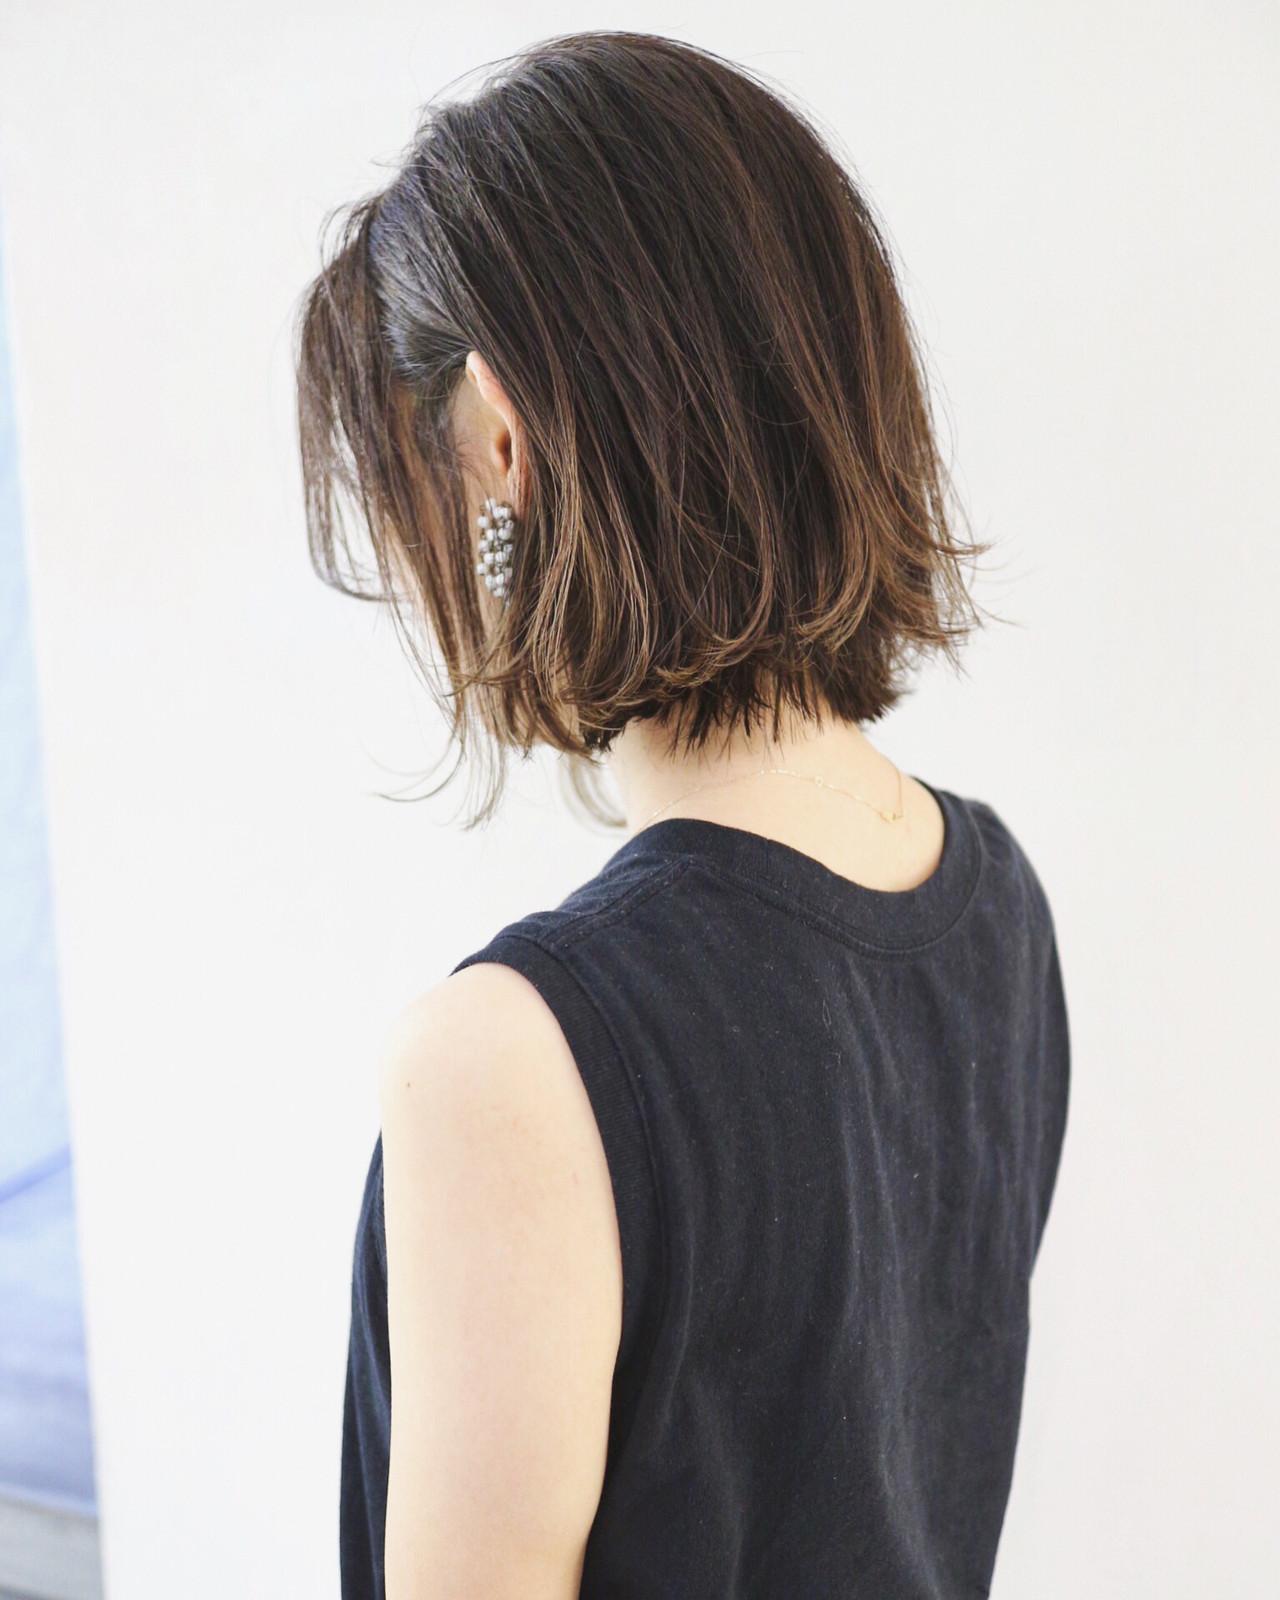 グラデーションカラー ボブ 外国人風カラー インナーカラー ヘアスタイルや髪型の写真・画像